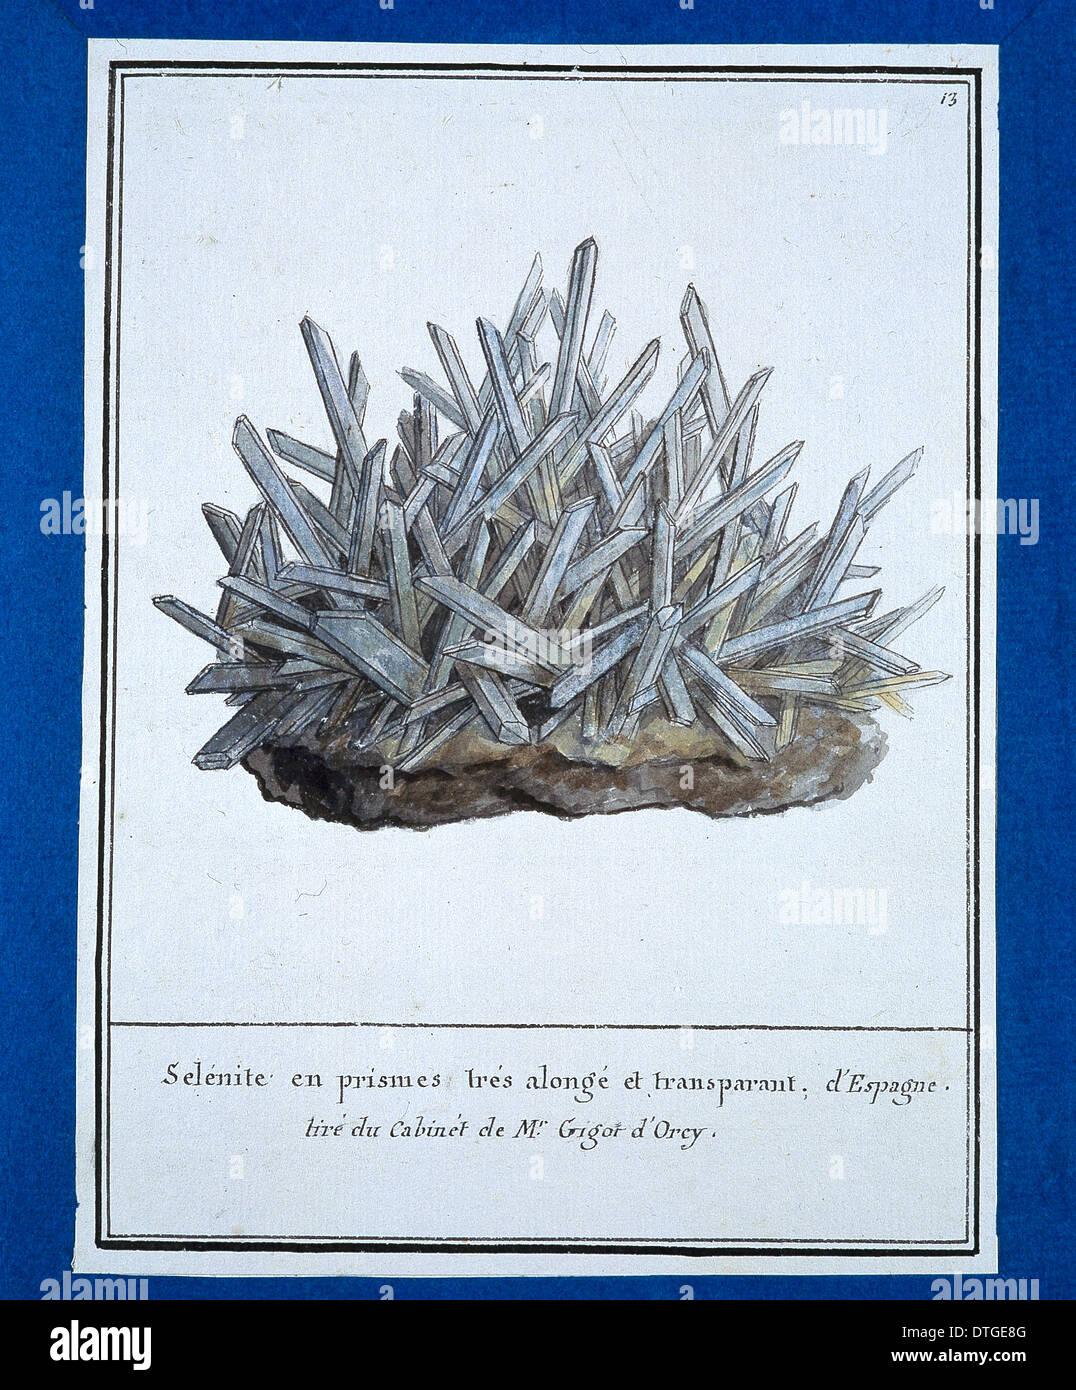 Piastra 13 dal volume Mineralogie 1 (1790) da Swebach Desfontaines Immagini Stock